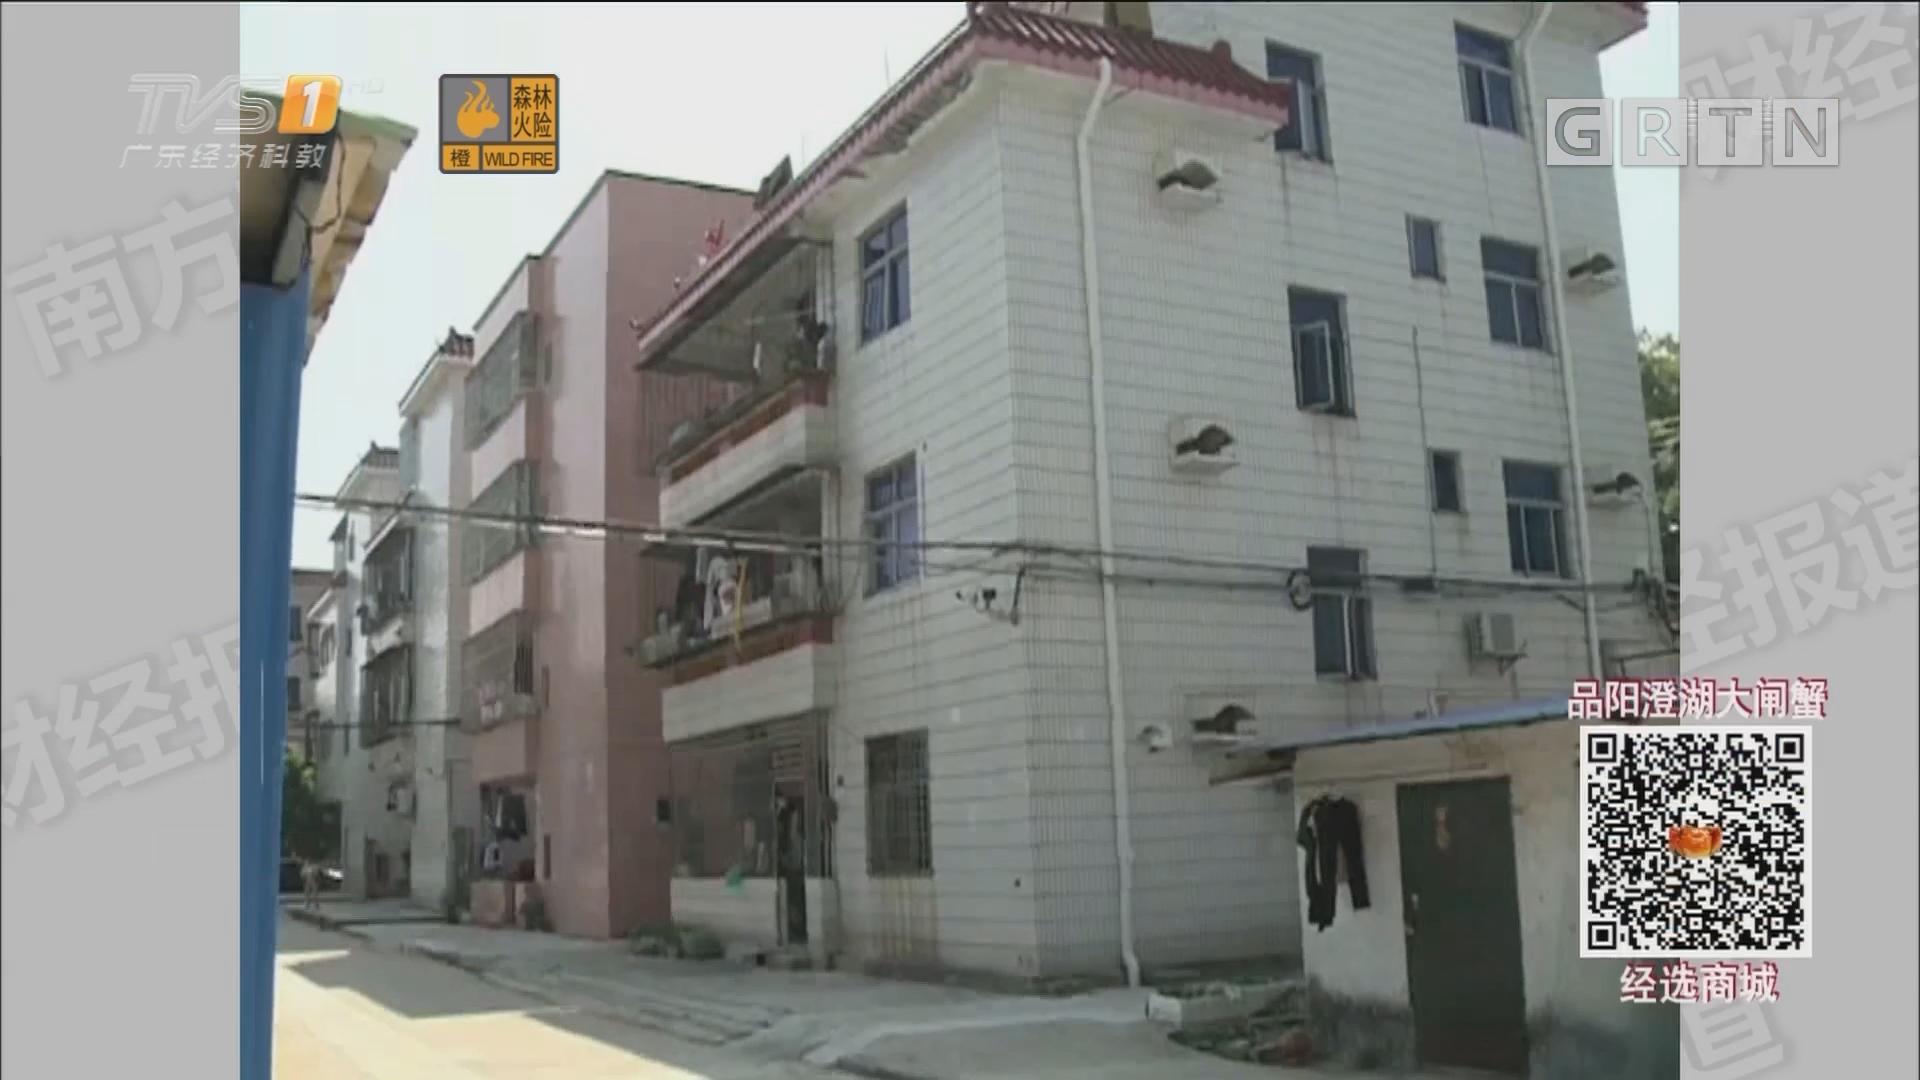 深圳:奶奶去购物反锁门 5岁男童坠楼重伤